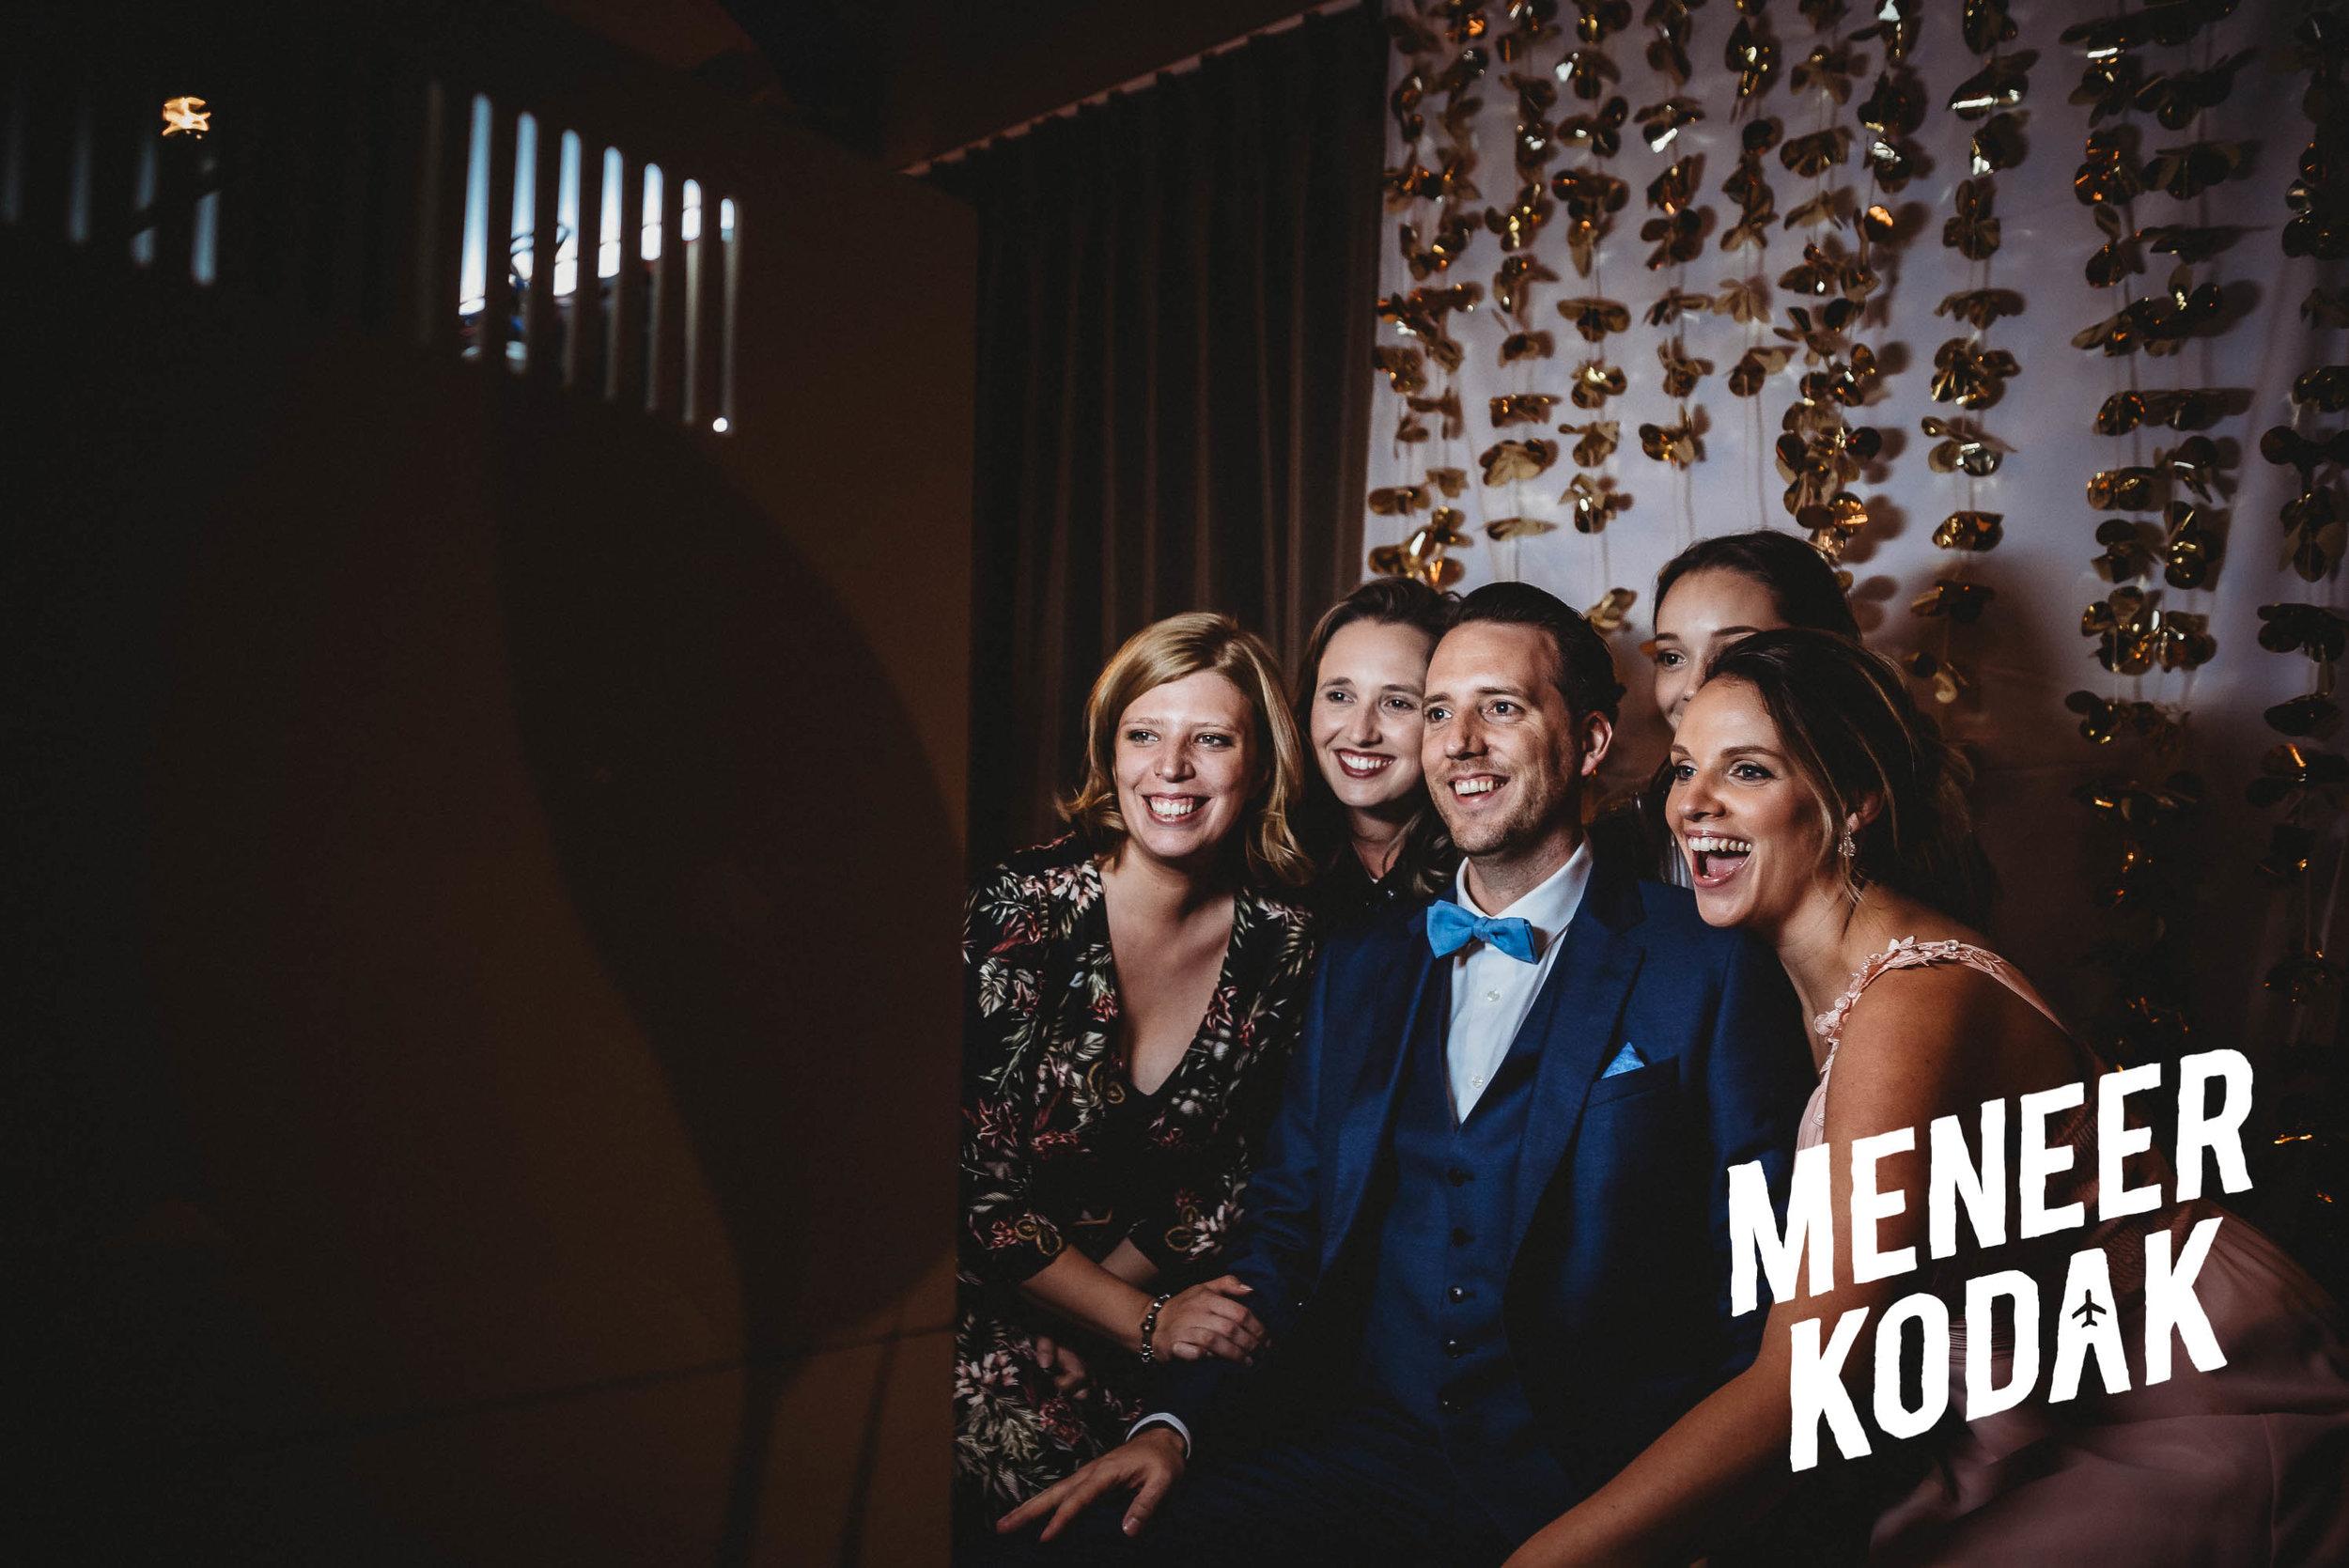 Meneer Kodak - Trouwfotograaf - Gent - D&T-066.jpg